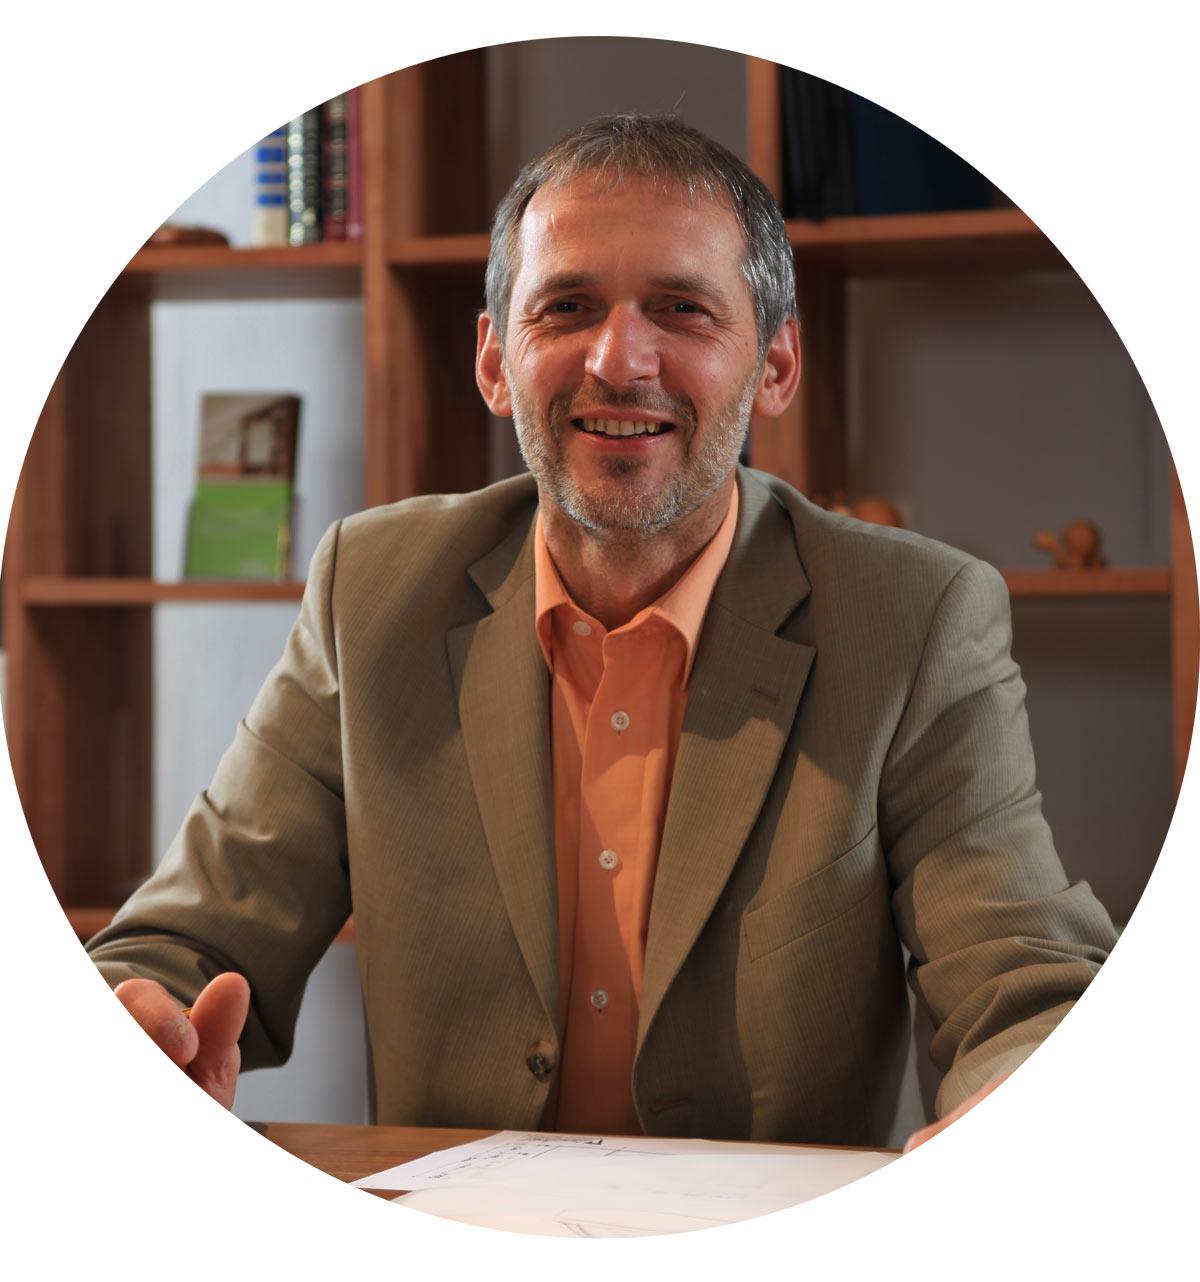 Manfred Vischer: Ihr Experte für Betten, Matratzen, Schlafsysteme, Schlafberatung und Einrichtung in Pfalzgrafenweiler